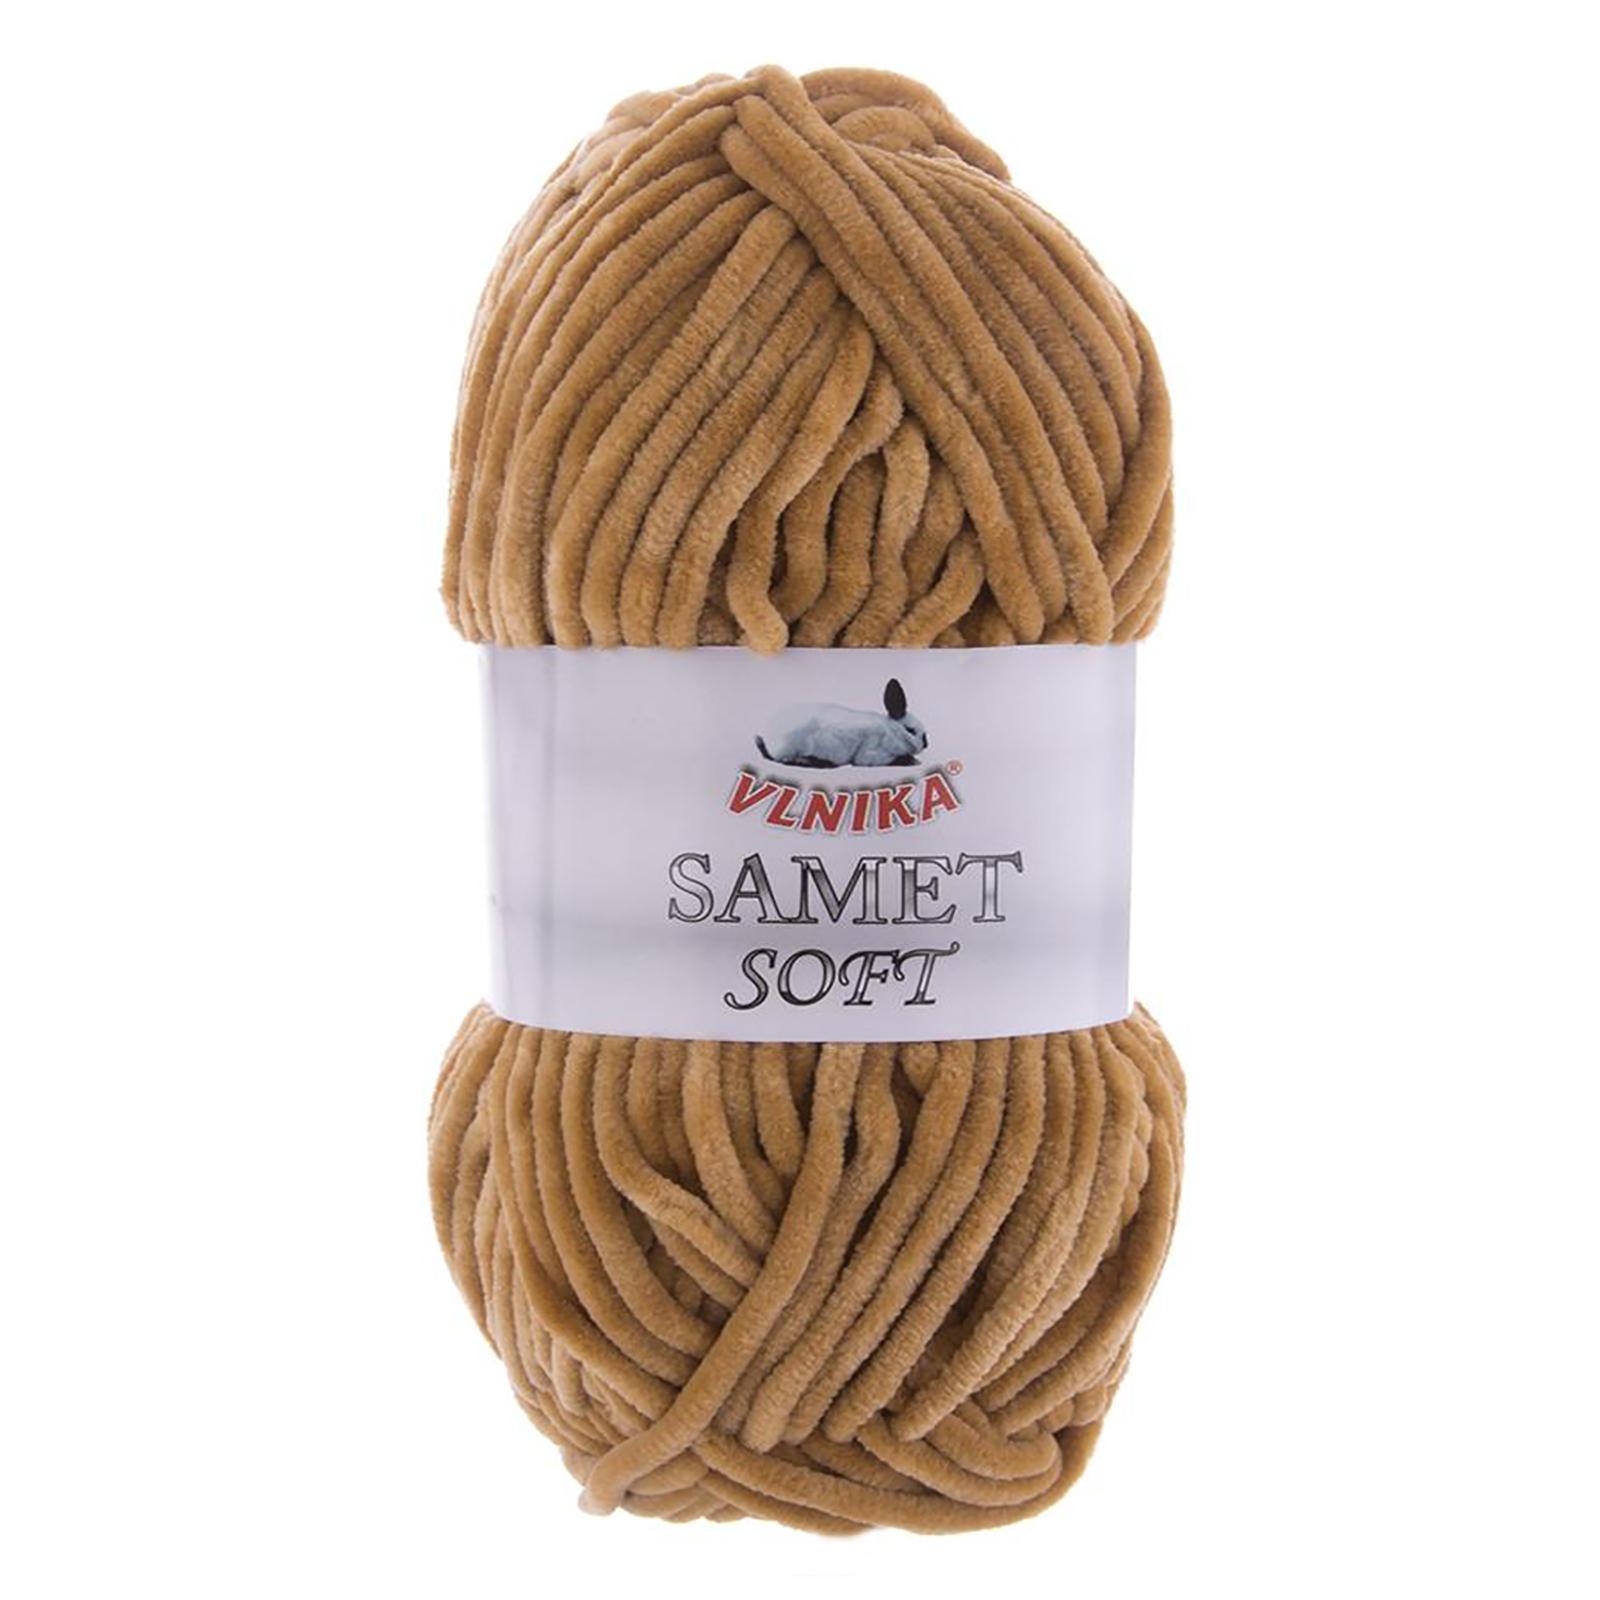 100g Strickgarn Samet Soft Chenille-Strickgarn Samtwolle Strickwolle flauschige Farbwahl – Bild 7